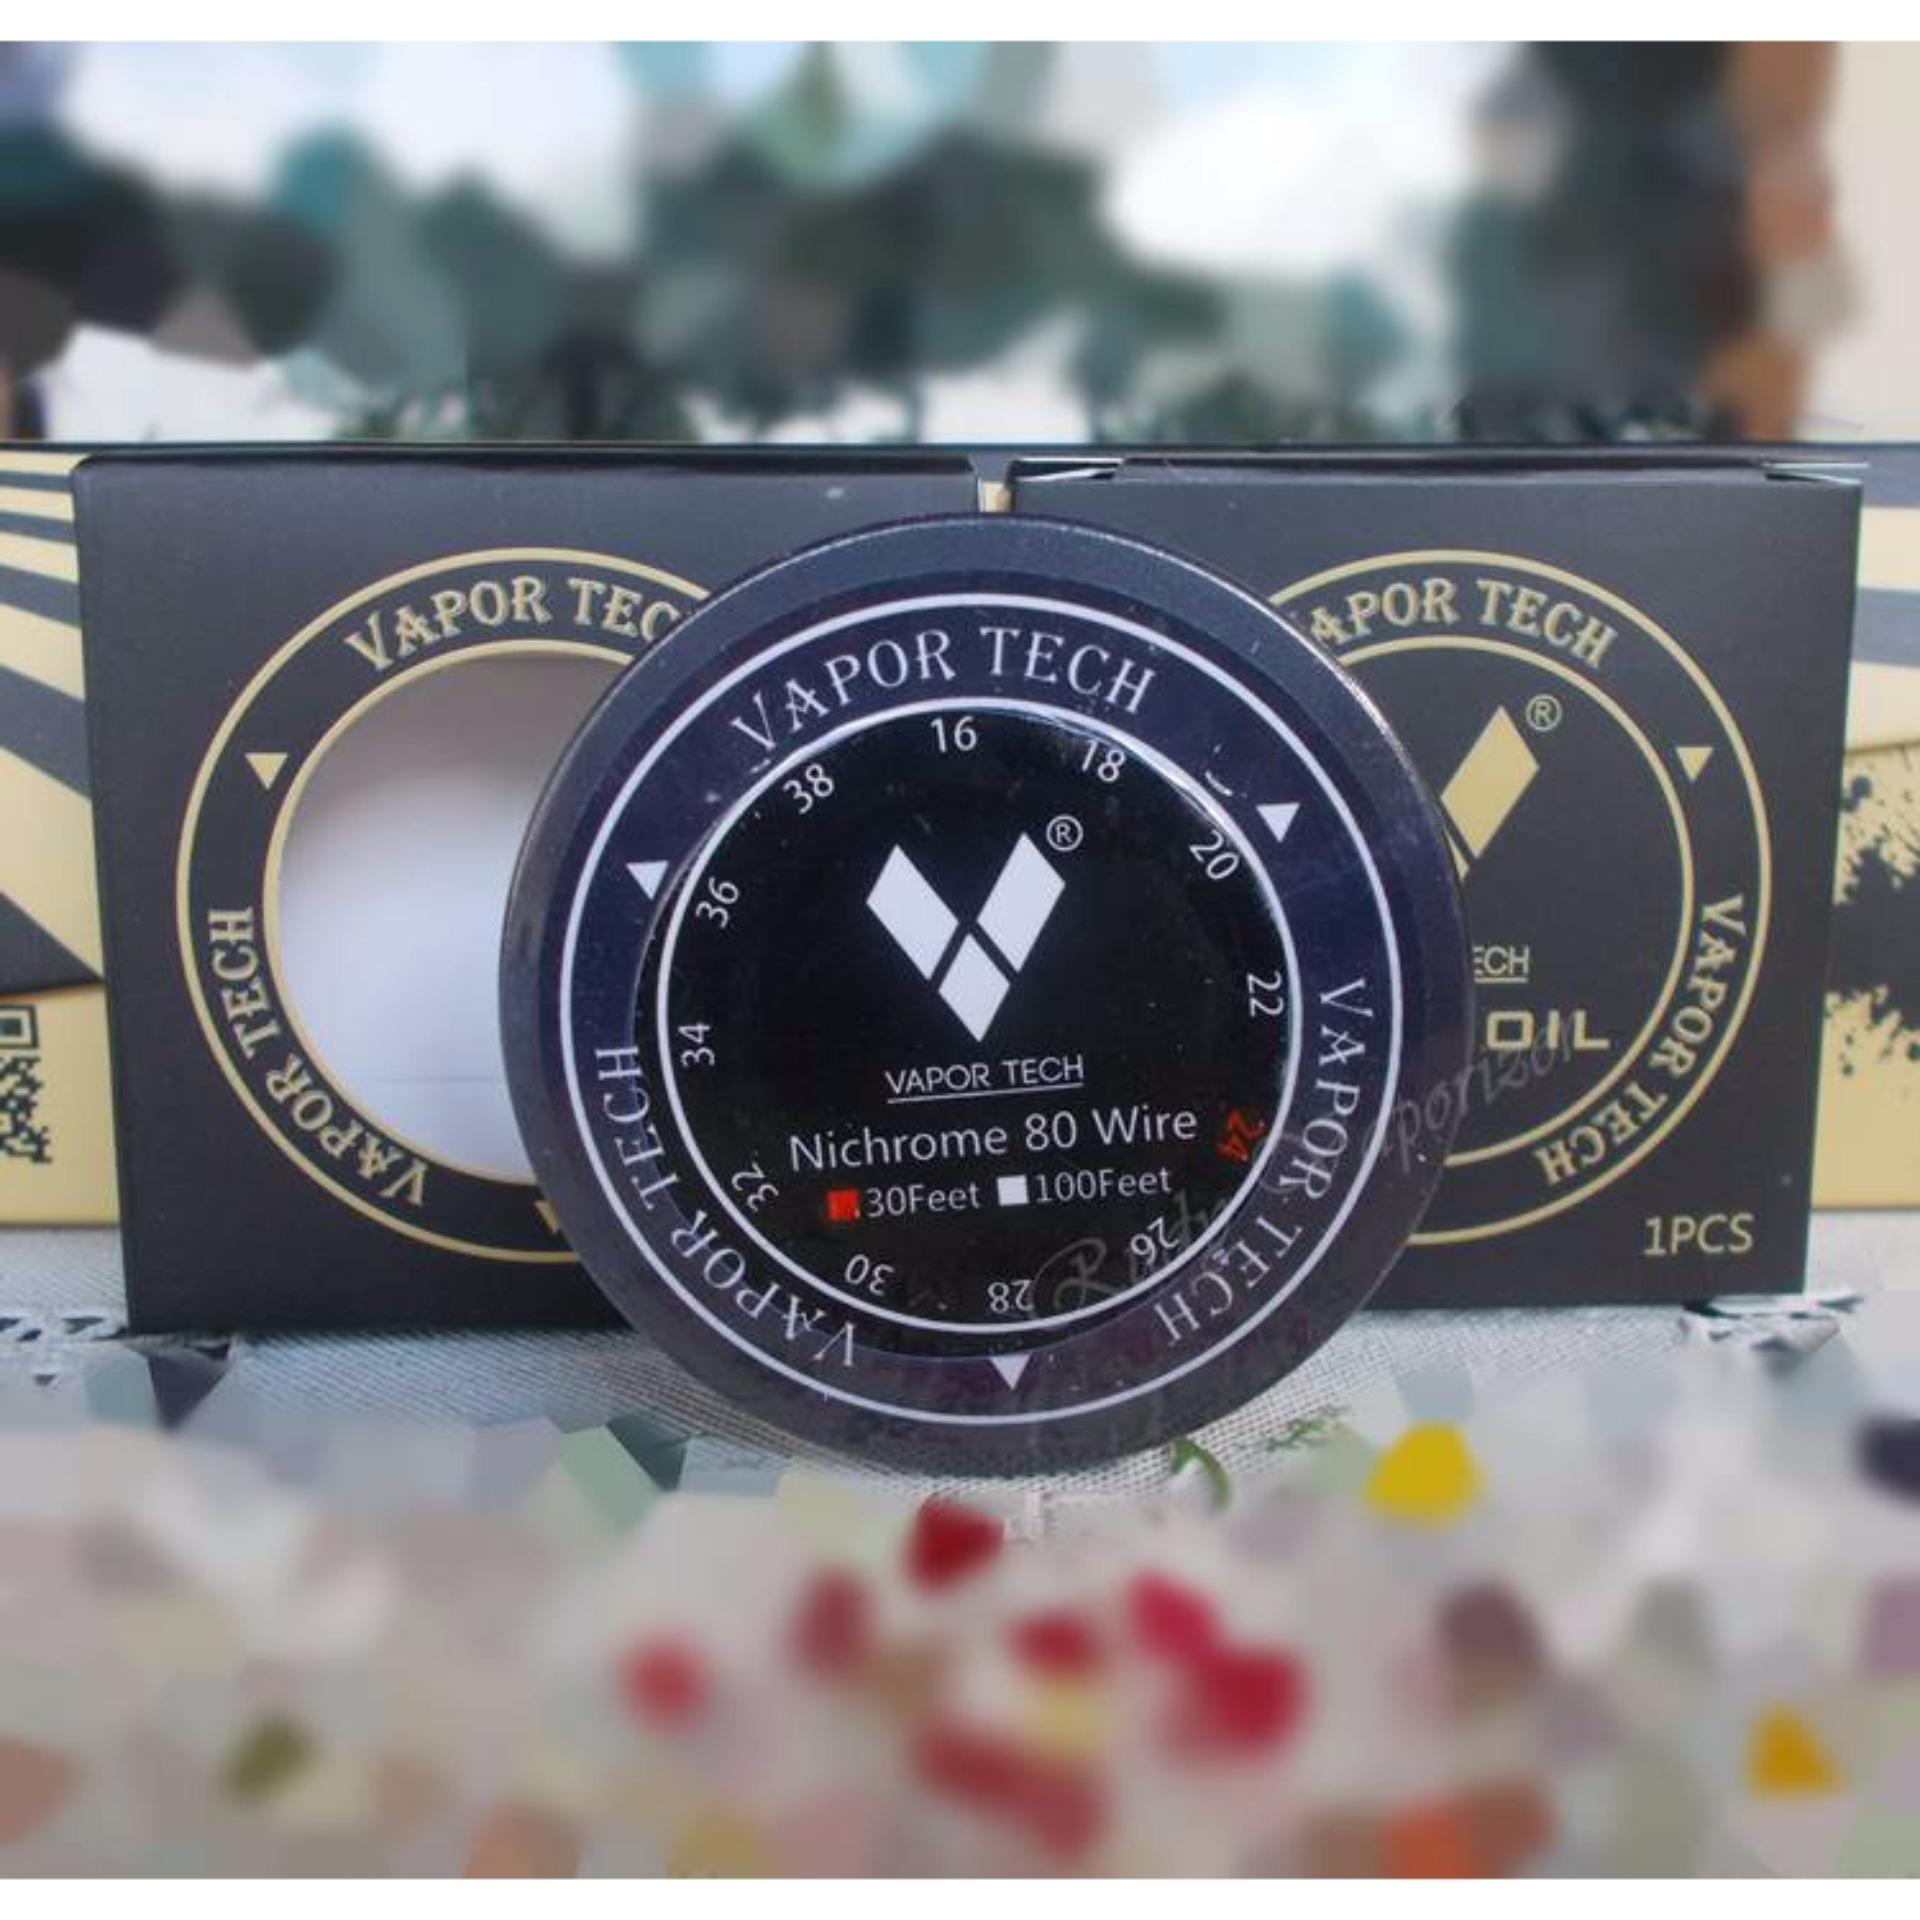 Harga Saya Vaportech Nic Nichrome 80 26 Awg 30 Feet Coil Vape Kawat Khantal A1 Wire Vapor